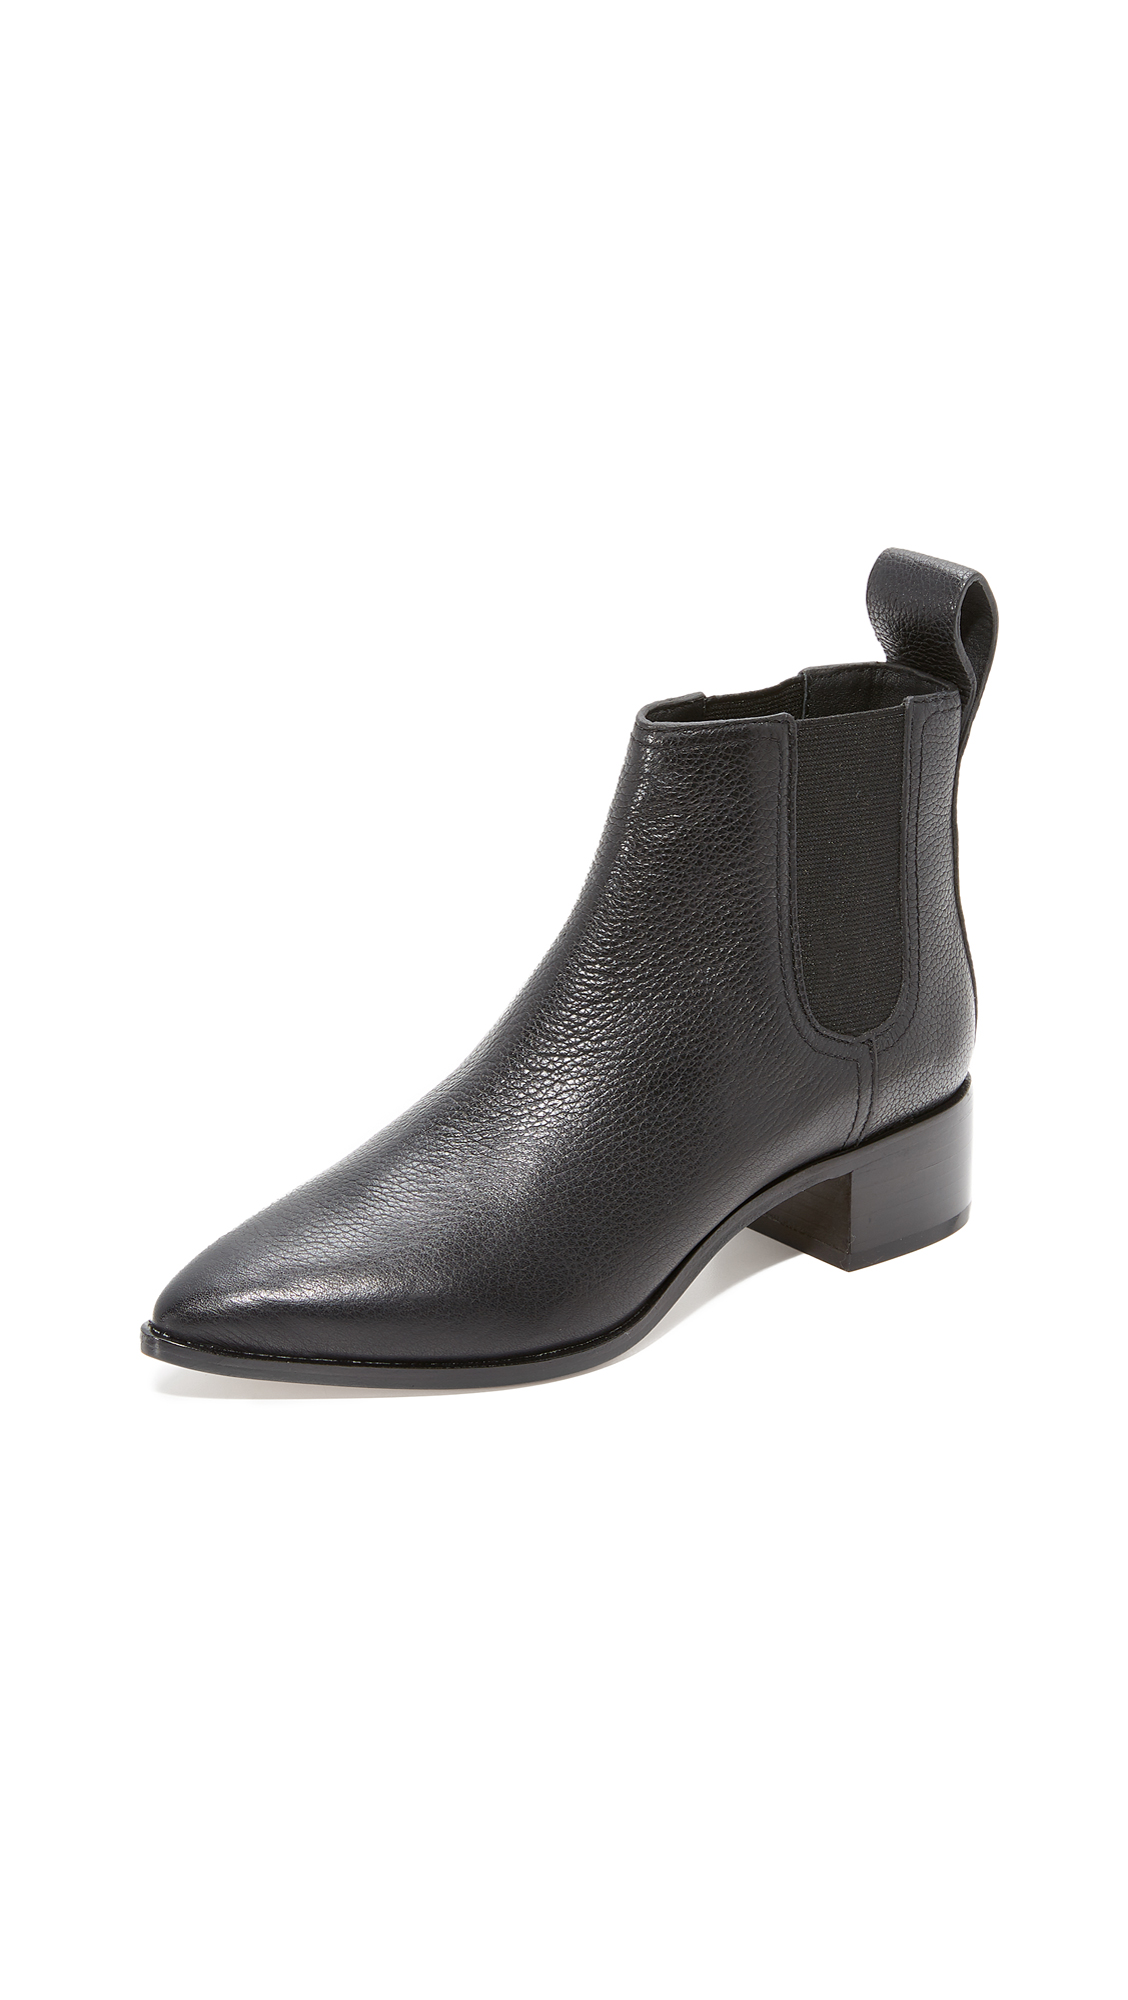 Loeffler Randall Nellie Pointed Toe Chelsea Booties - Black